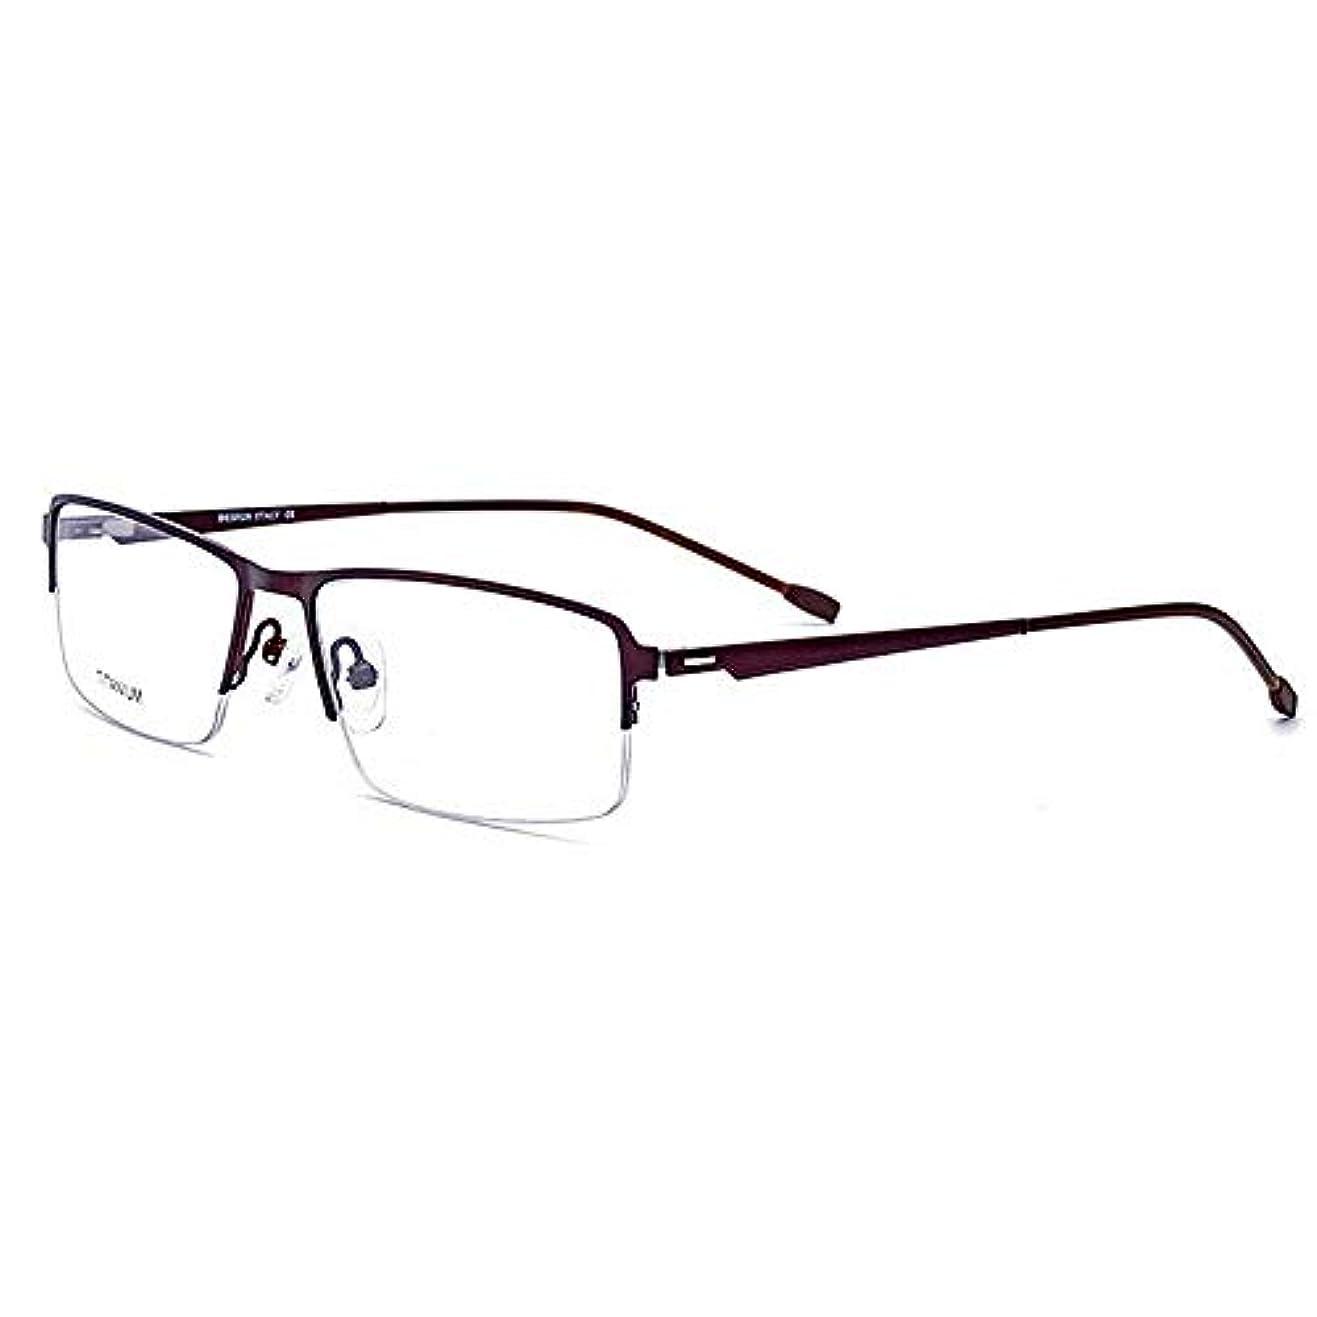 合成欲望日付付き軽量絶妙なチタン合金アセテートファイバーセミリムレススクエアシェイプフレキシブルビジネスメガネフレームクリアレンズ付き眼鏡 釣りハイキングハイキングなどに適しています (色 : 褐色)